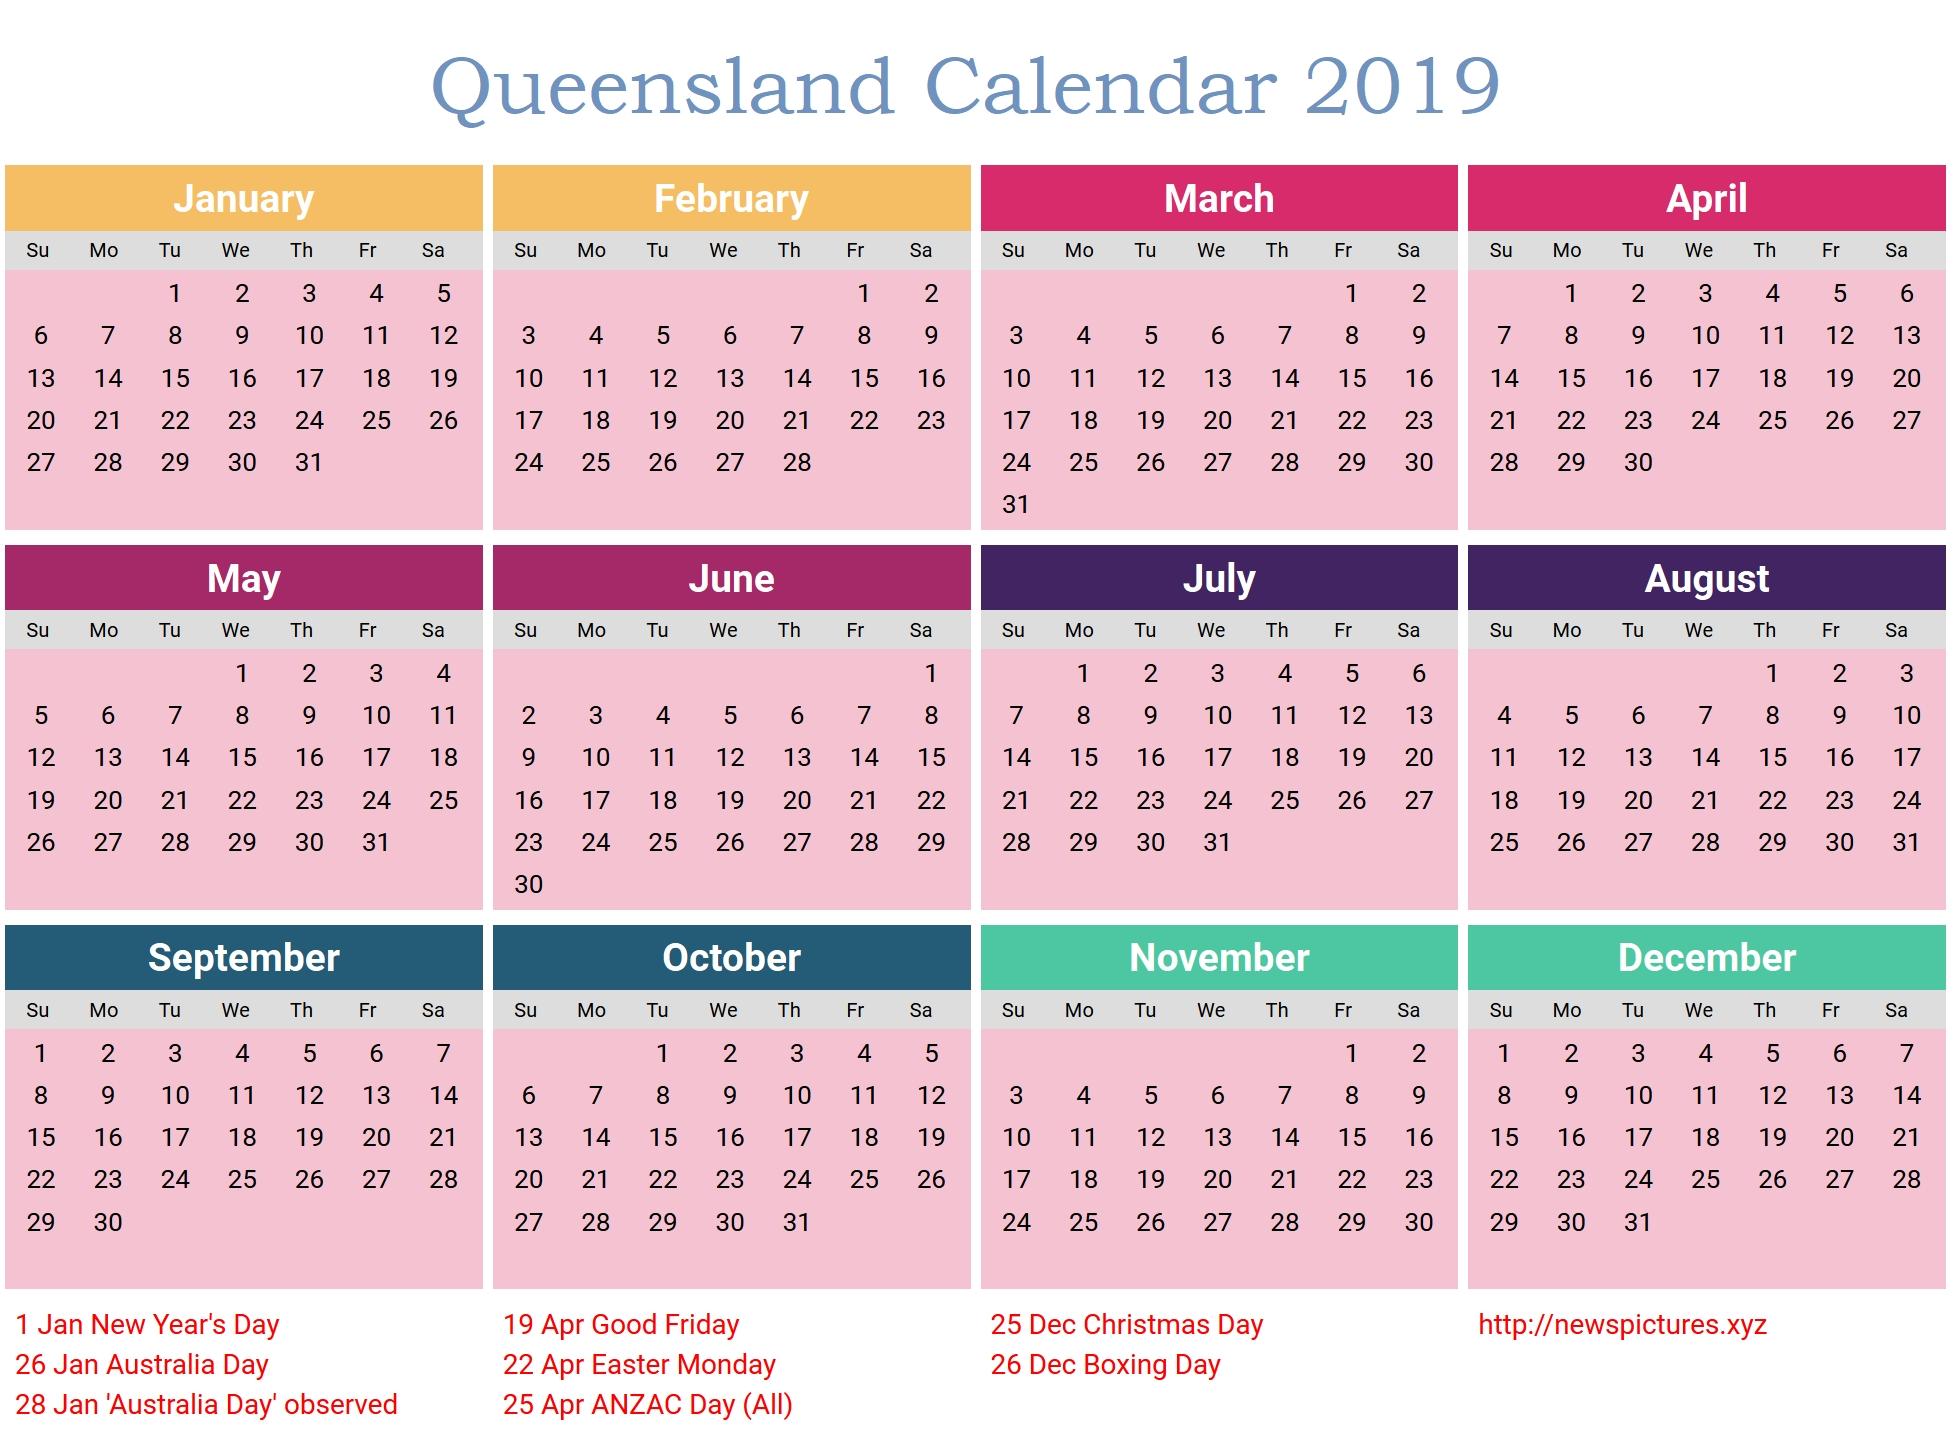 Calendar 2019 Printable With Holidays Qld • Printable Blank Calendar 2019 Calendar Qld Holidays